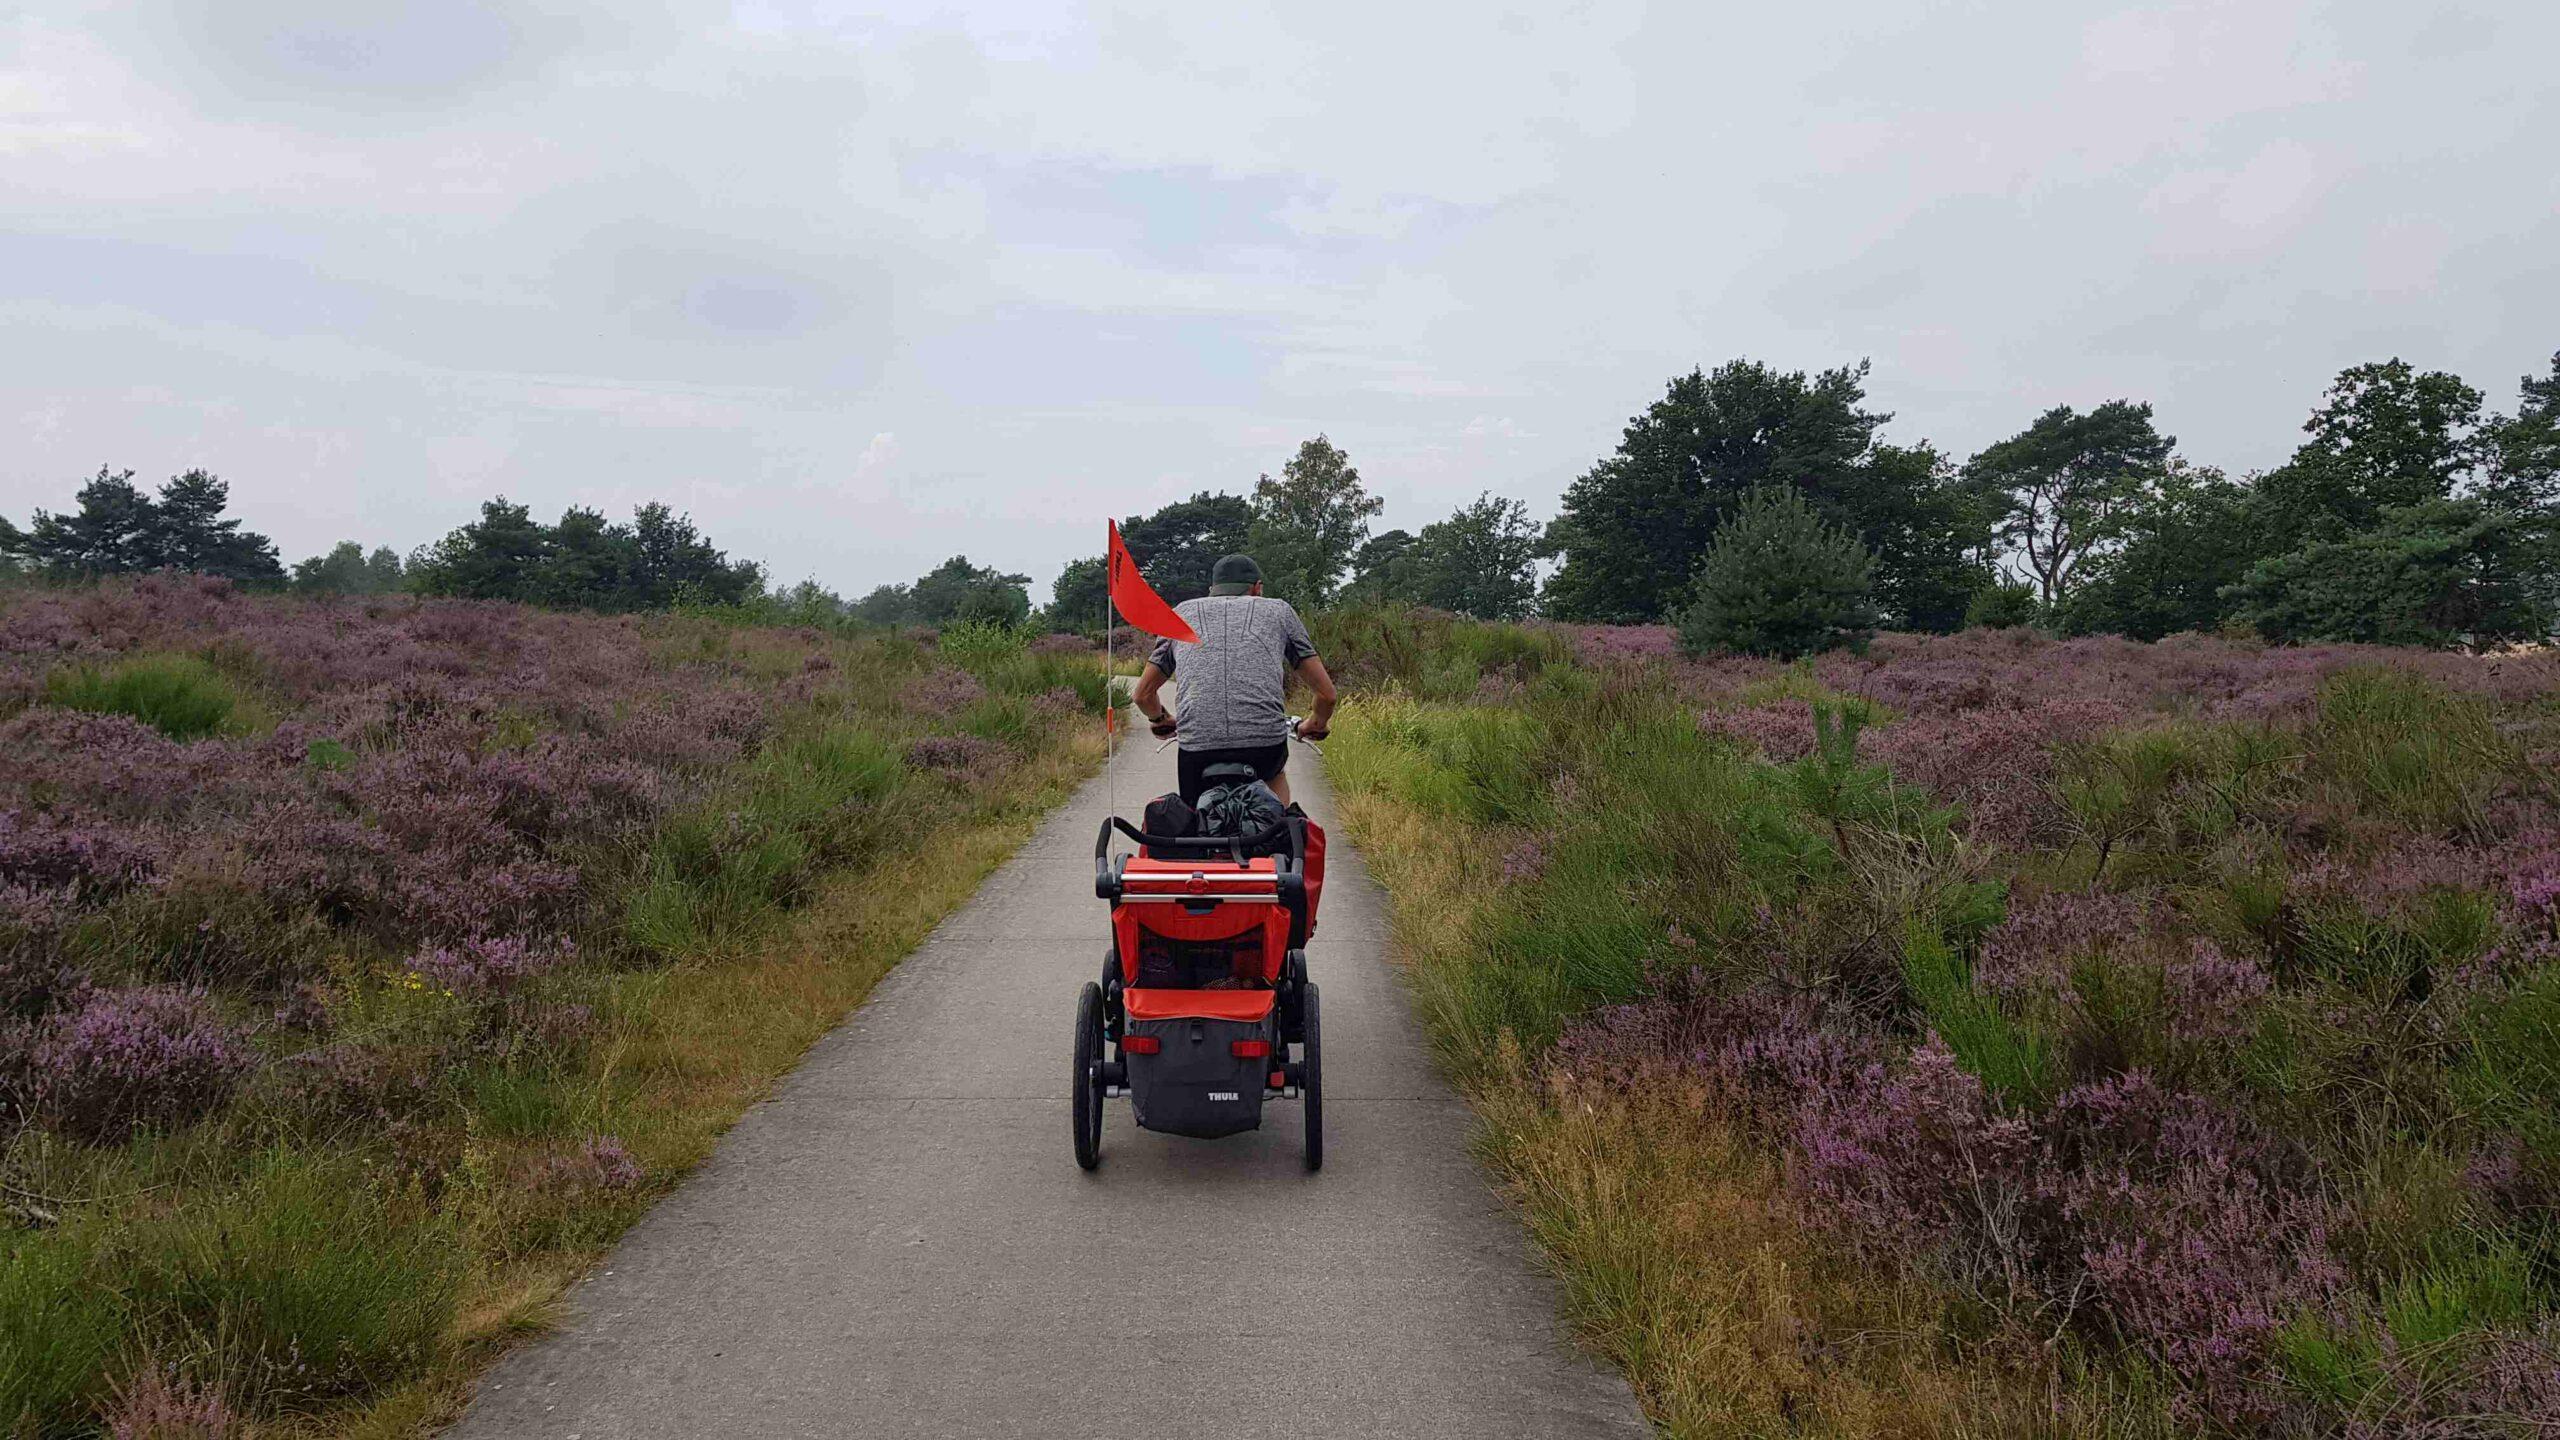 Rondje-Nederland-op-de-fiets-Posbank